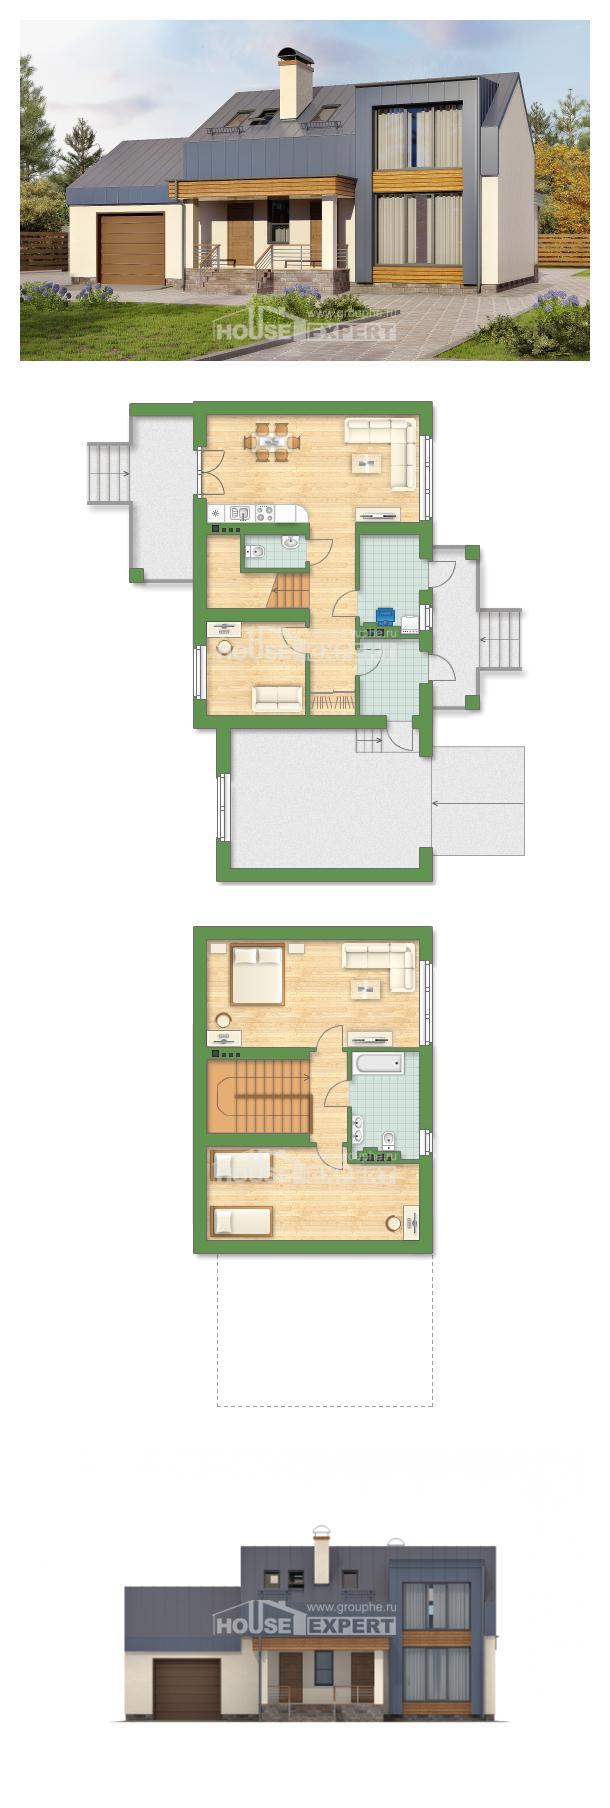 Plan 150-015-R | House Expert